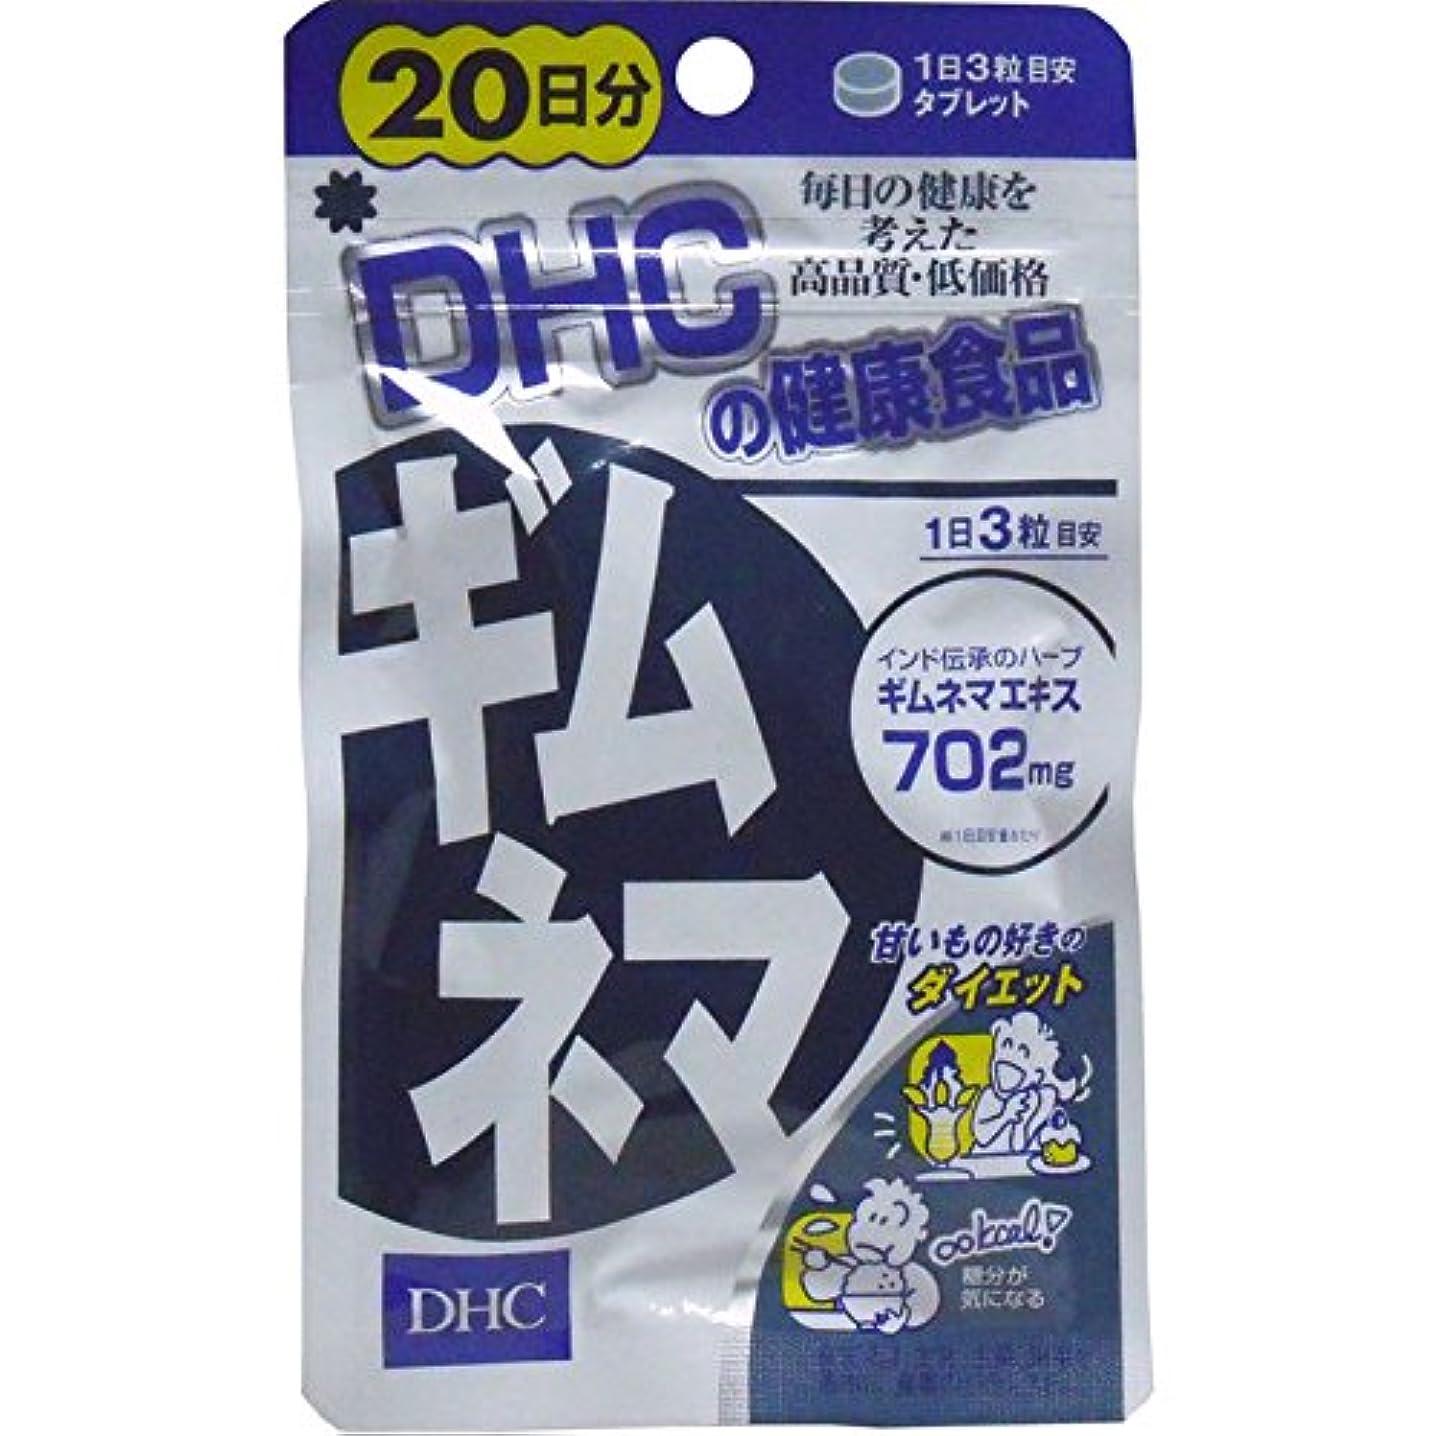 八百屋道徳教育アクチュエータ糖分や炭水化物を多く摂る人に DHC ギムネマ 20日分 60粒